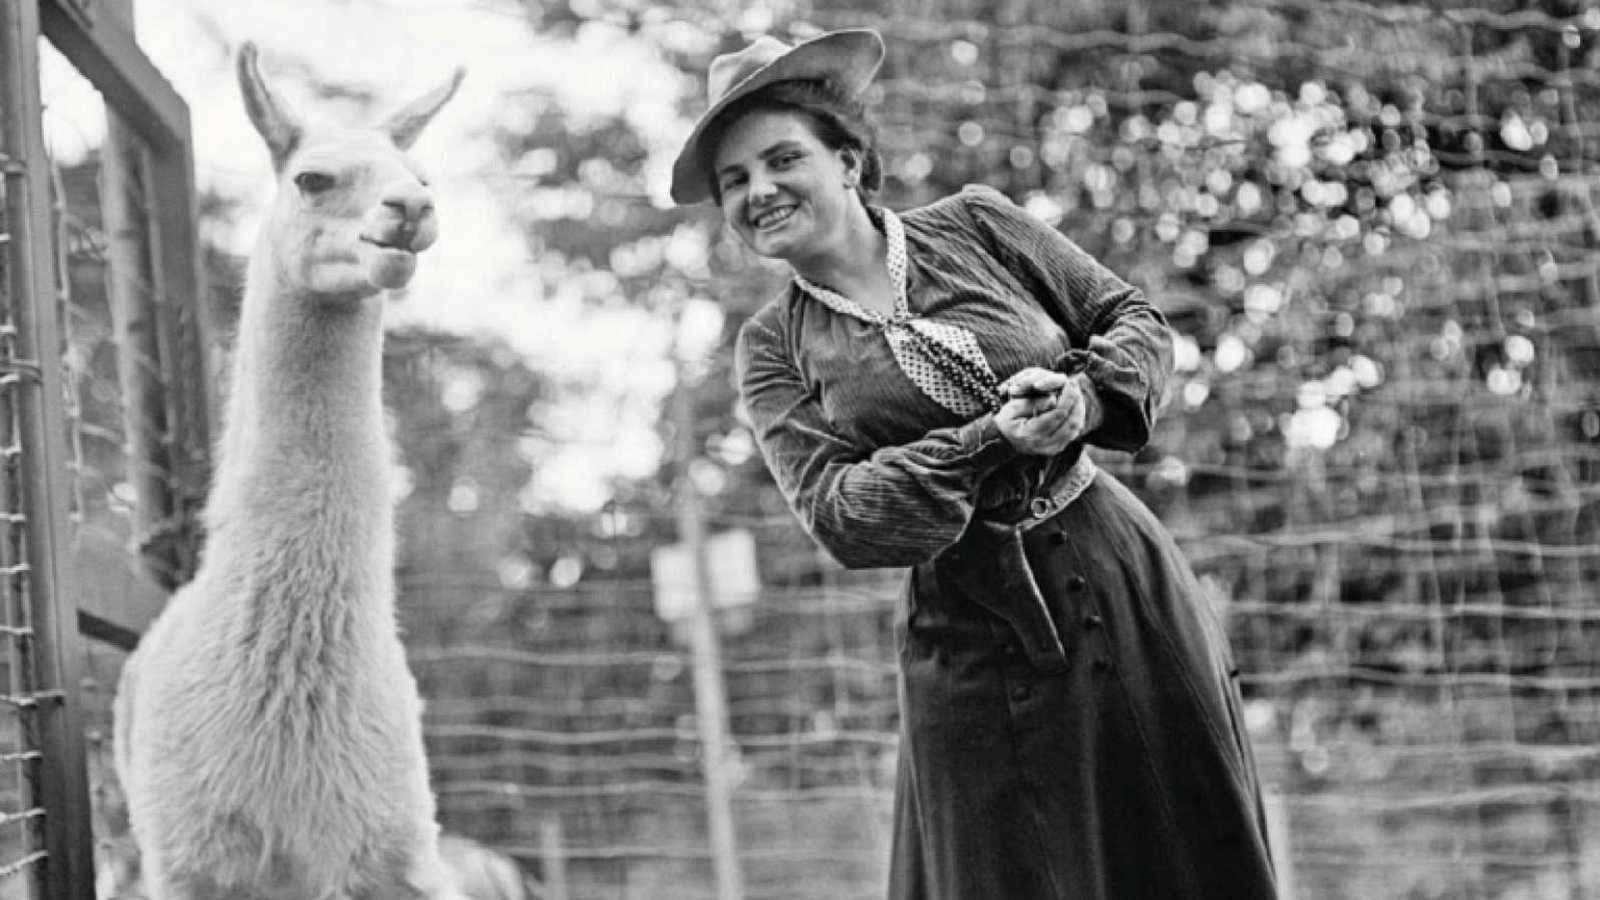 Hora América - Pilar Tejera y las aventuras asombrosas de las viajeras de leyenda victorianas - 21/11/19 - escuchar ahora